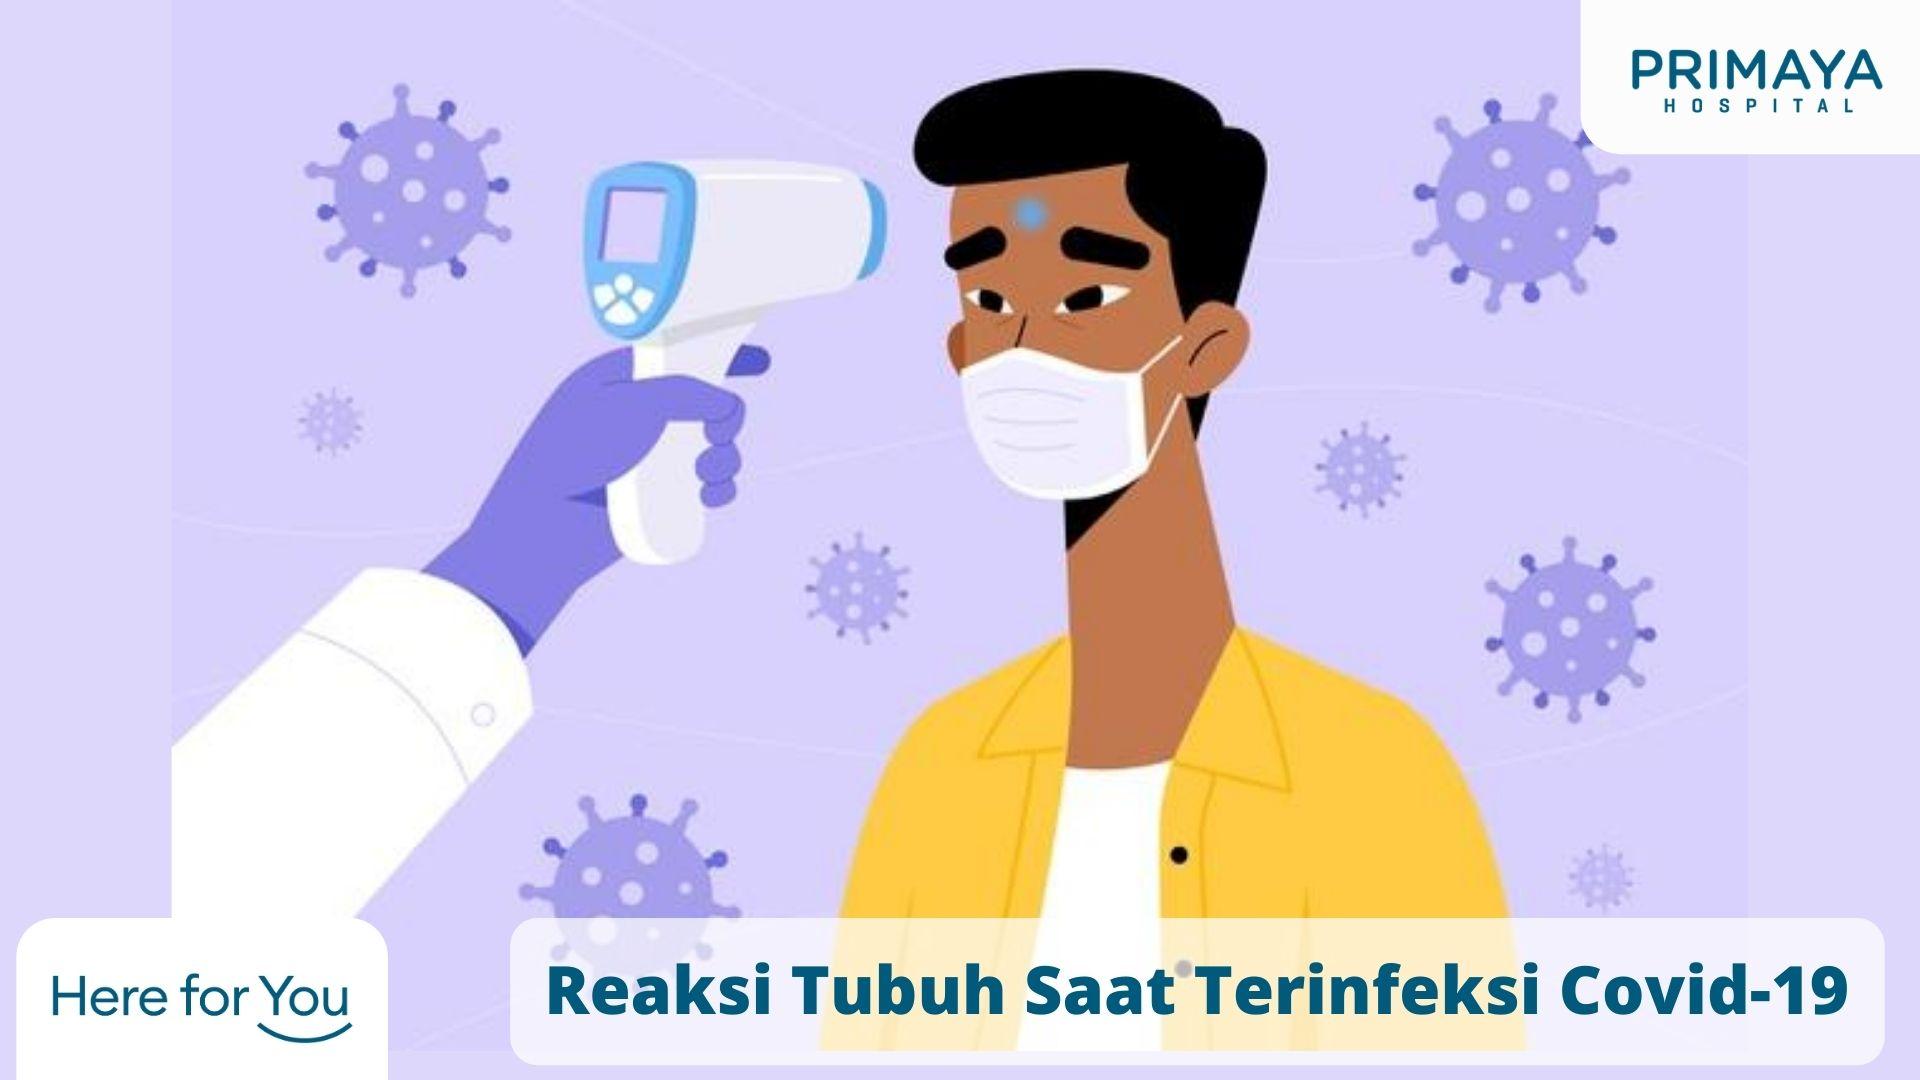 Reaksi Tubuh Saat Terinfeksi Covid-19